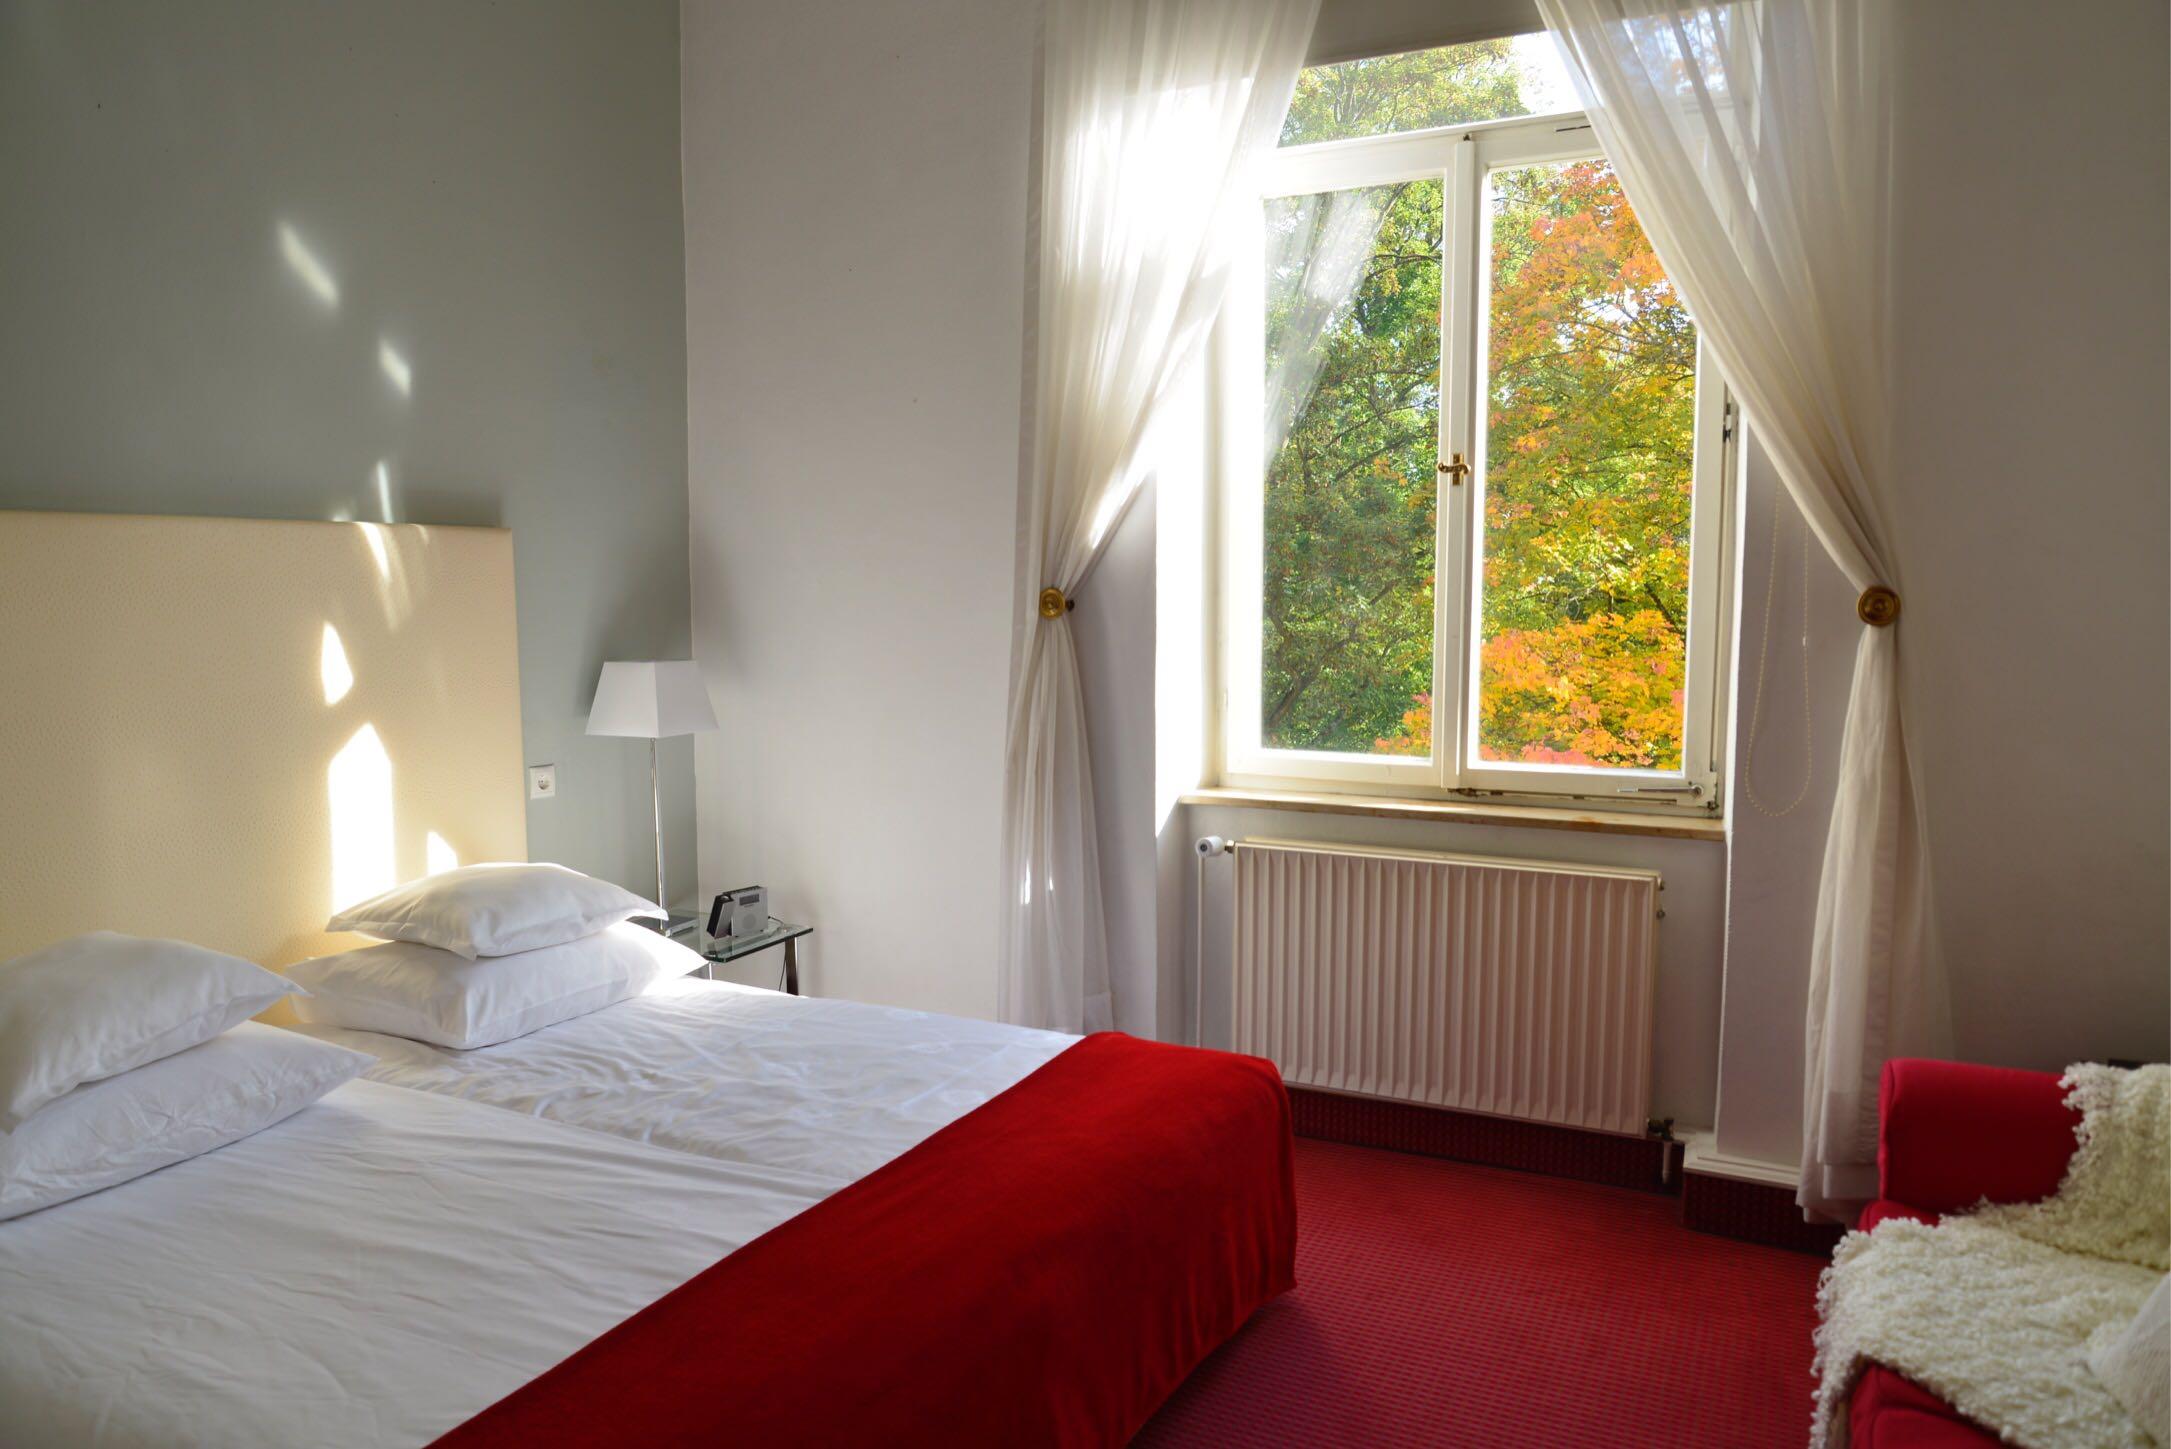 【海外】バンベルクのホテル:不思議な雰囲気のホテルでした